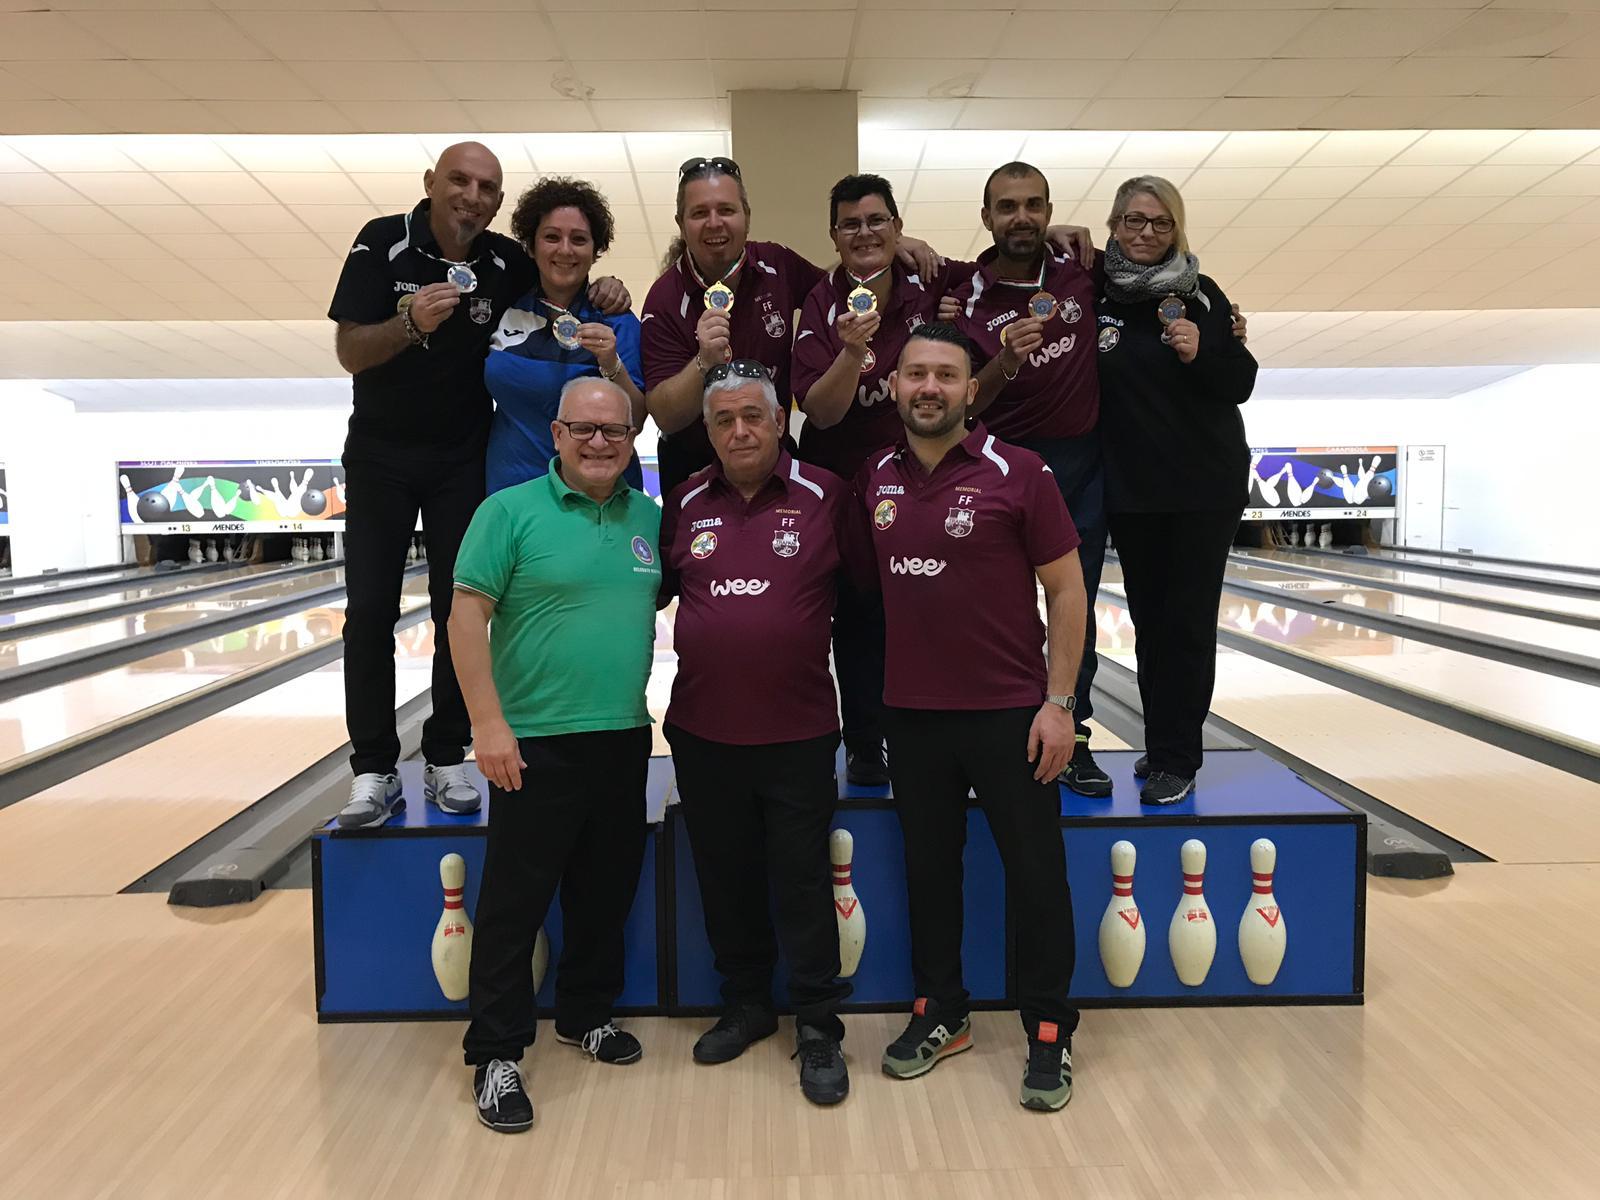 Risultati e foto del Campionato Regionale FSSI di Bowling svoltosi il 9 dicembre